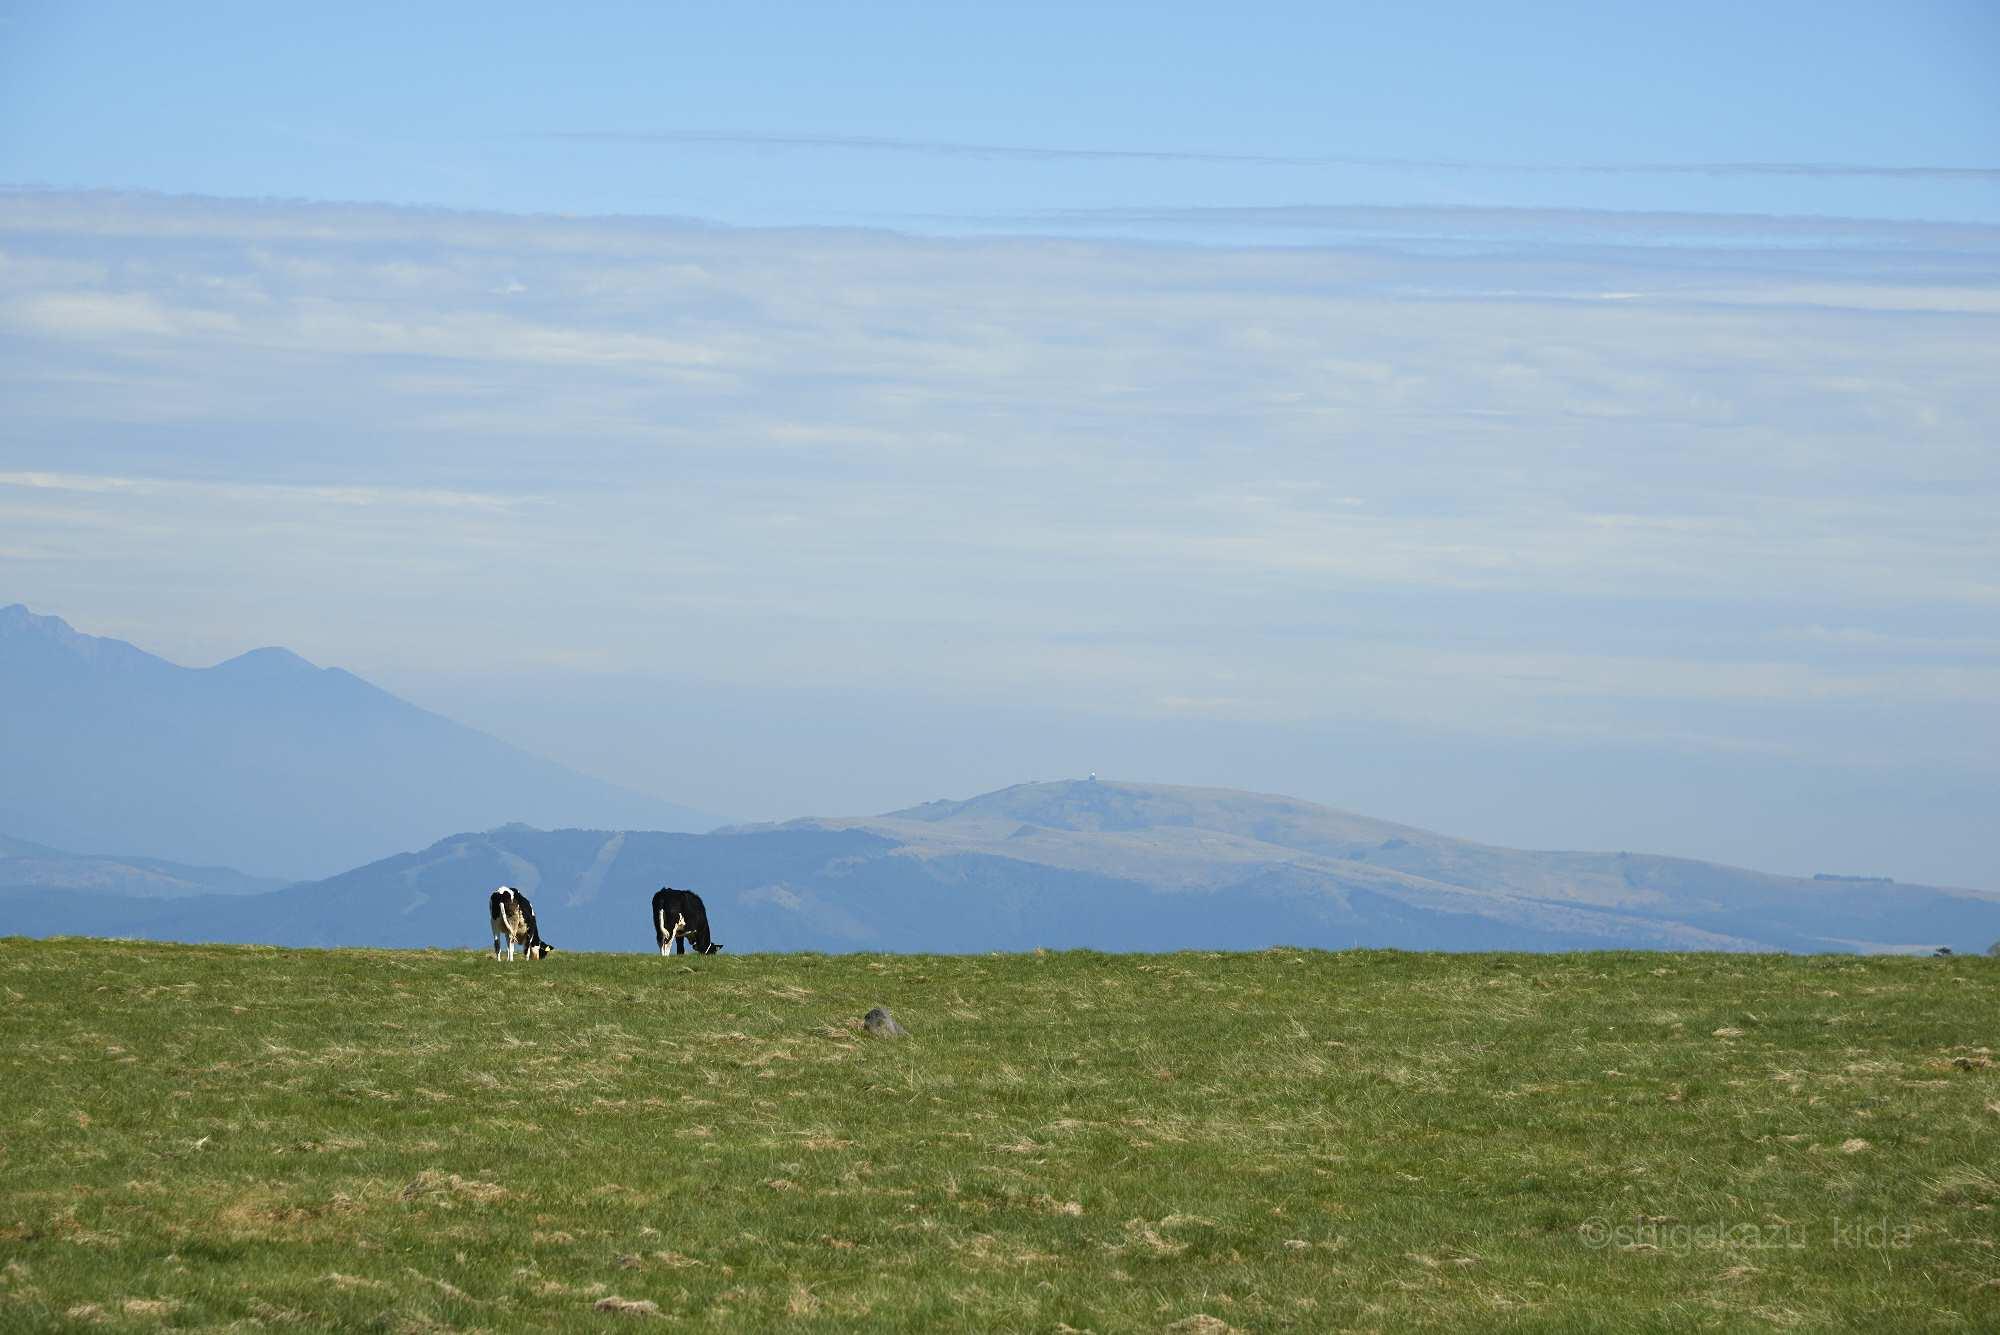 美ヶ原と牧場の牛